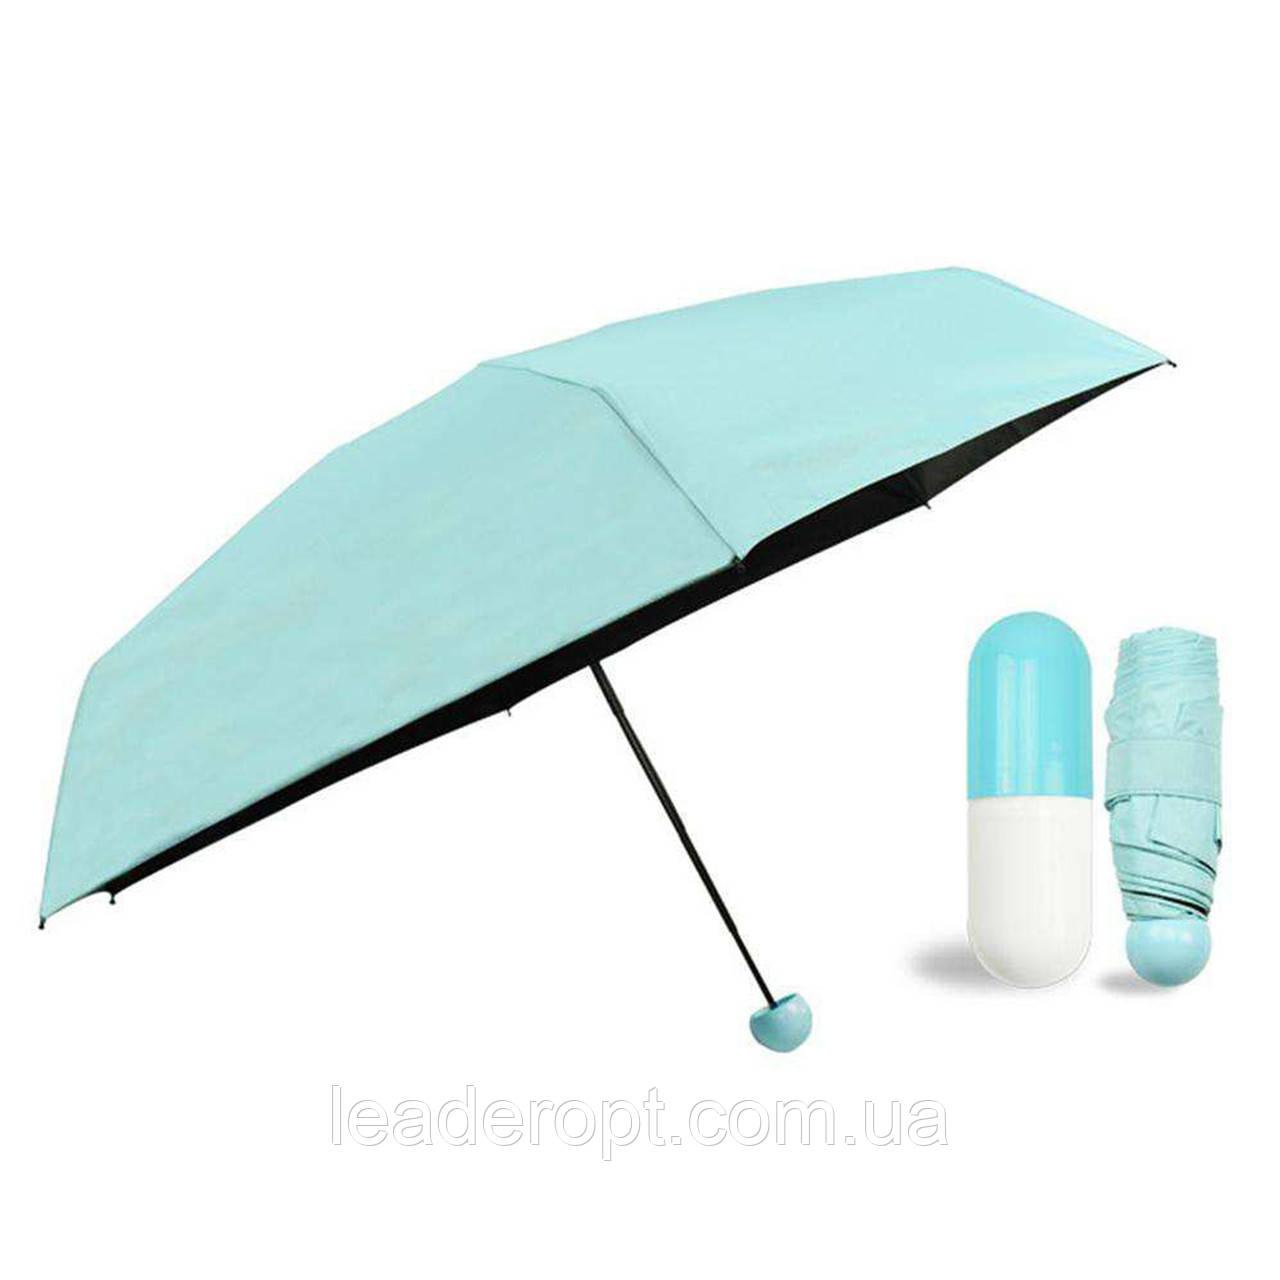 Міні - парасольку кишеньковий в чохлі капсула компактний зручний маленький блакитного кольору ОПТ